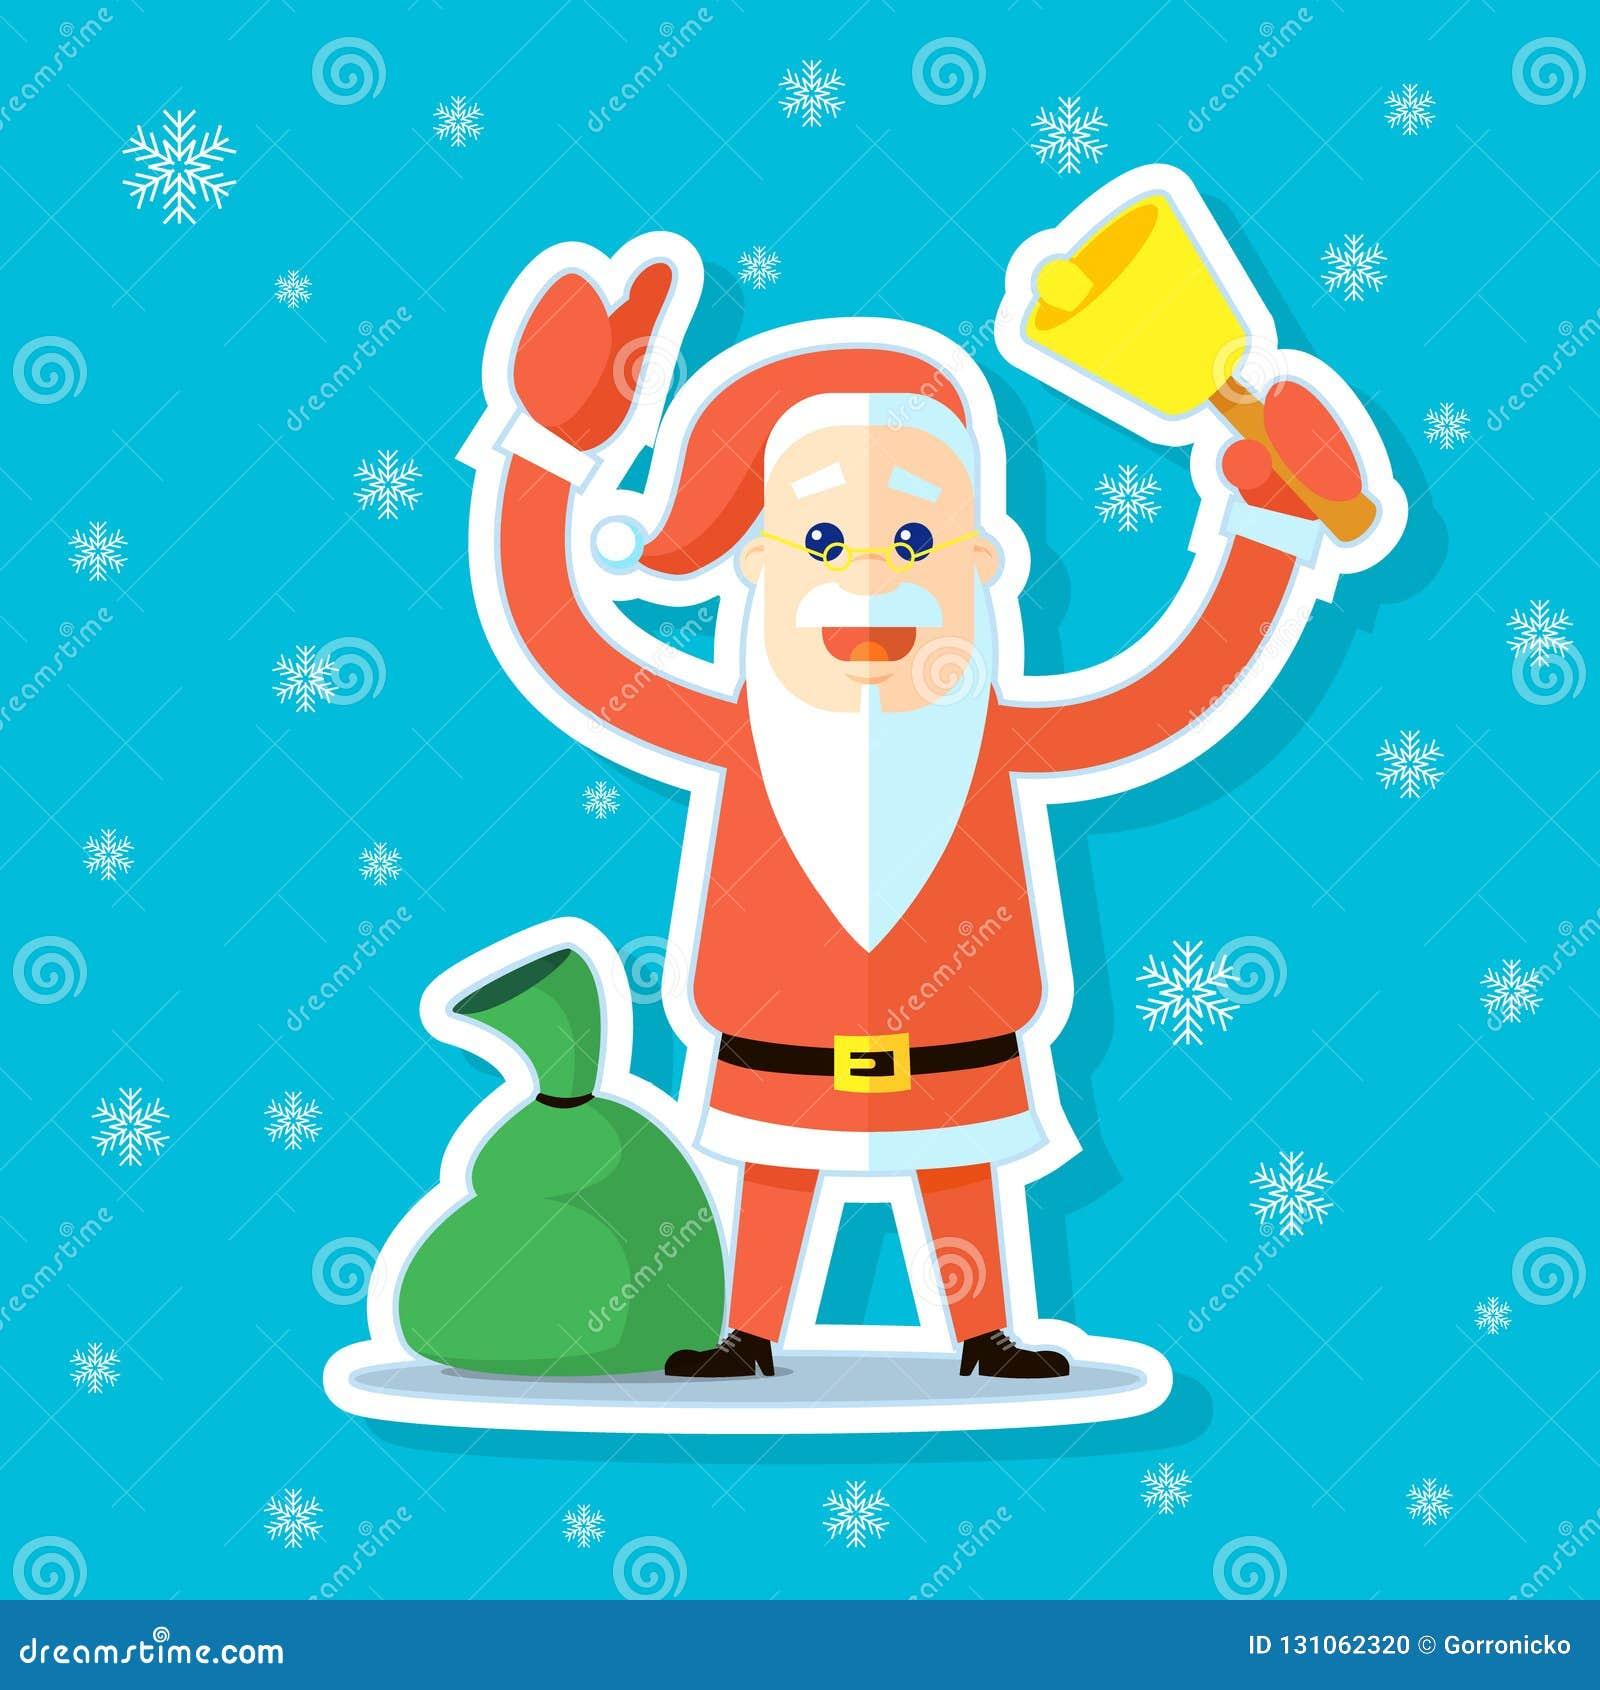 Stickerillustratie van een vlak kunstbeeldverhaal leuke Santa Claus met klok en zak met giften